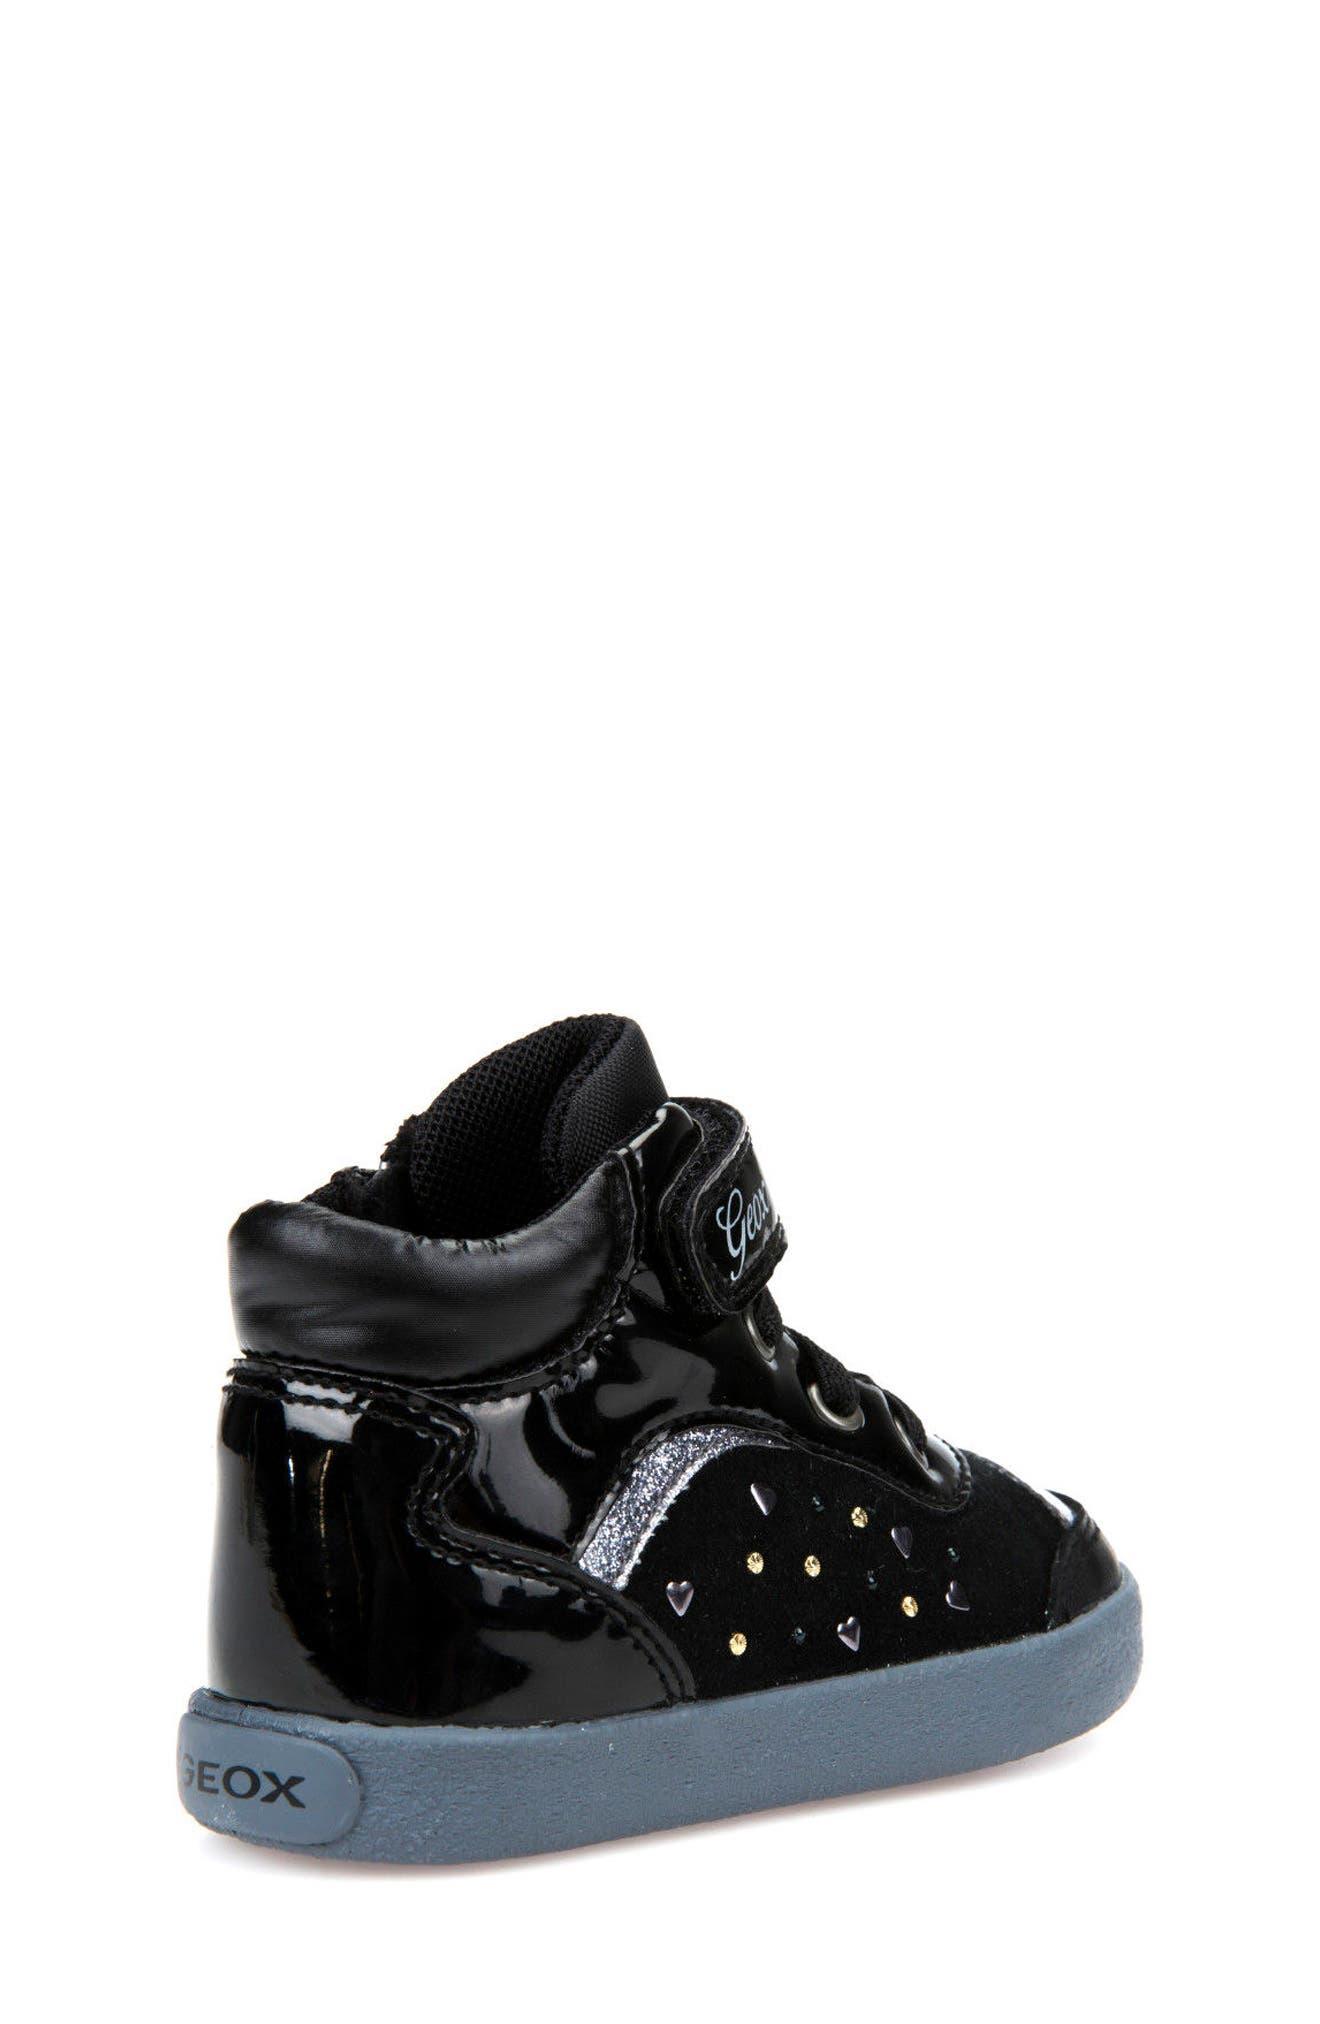 Kiwi Girl Studded High Top Sneaker,                             Alternate thumbnail 4, color,